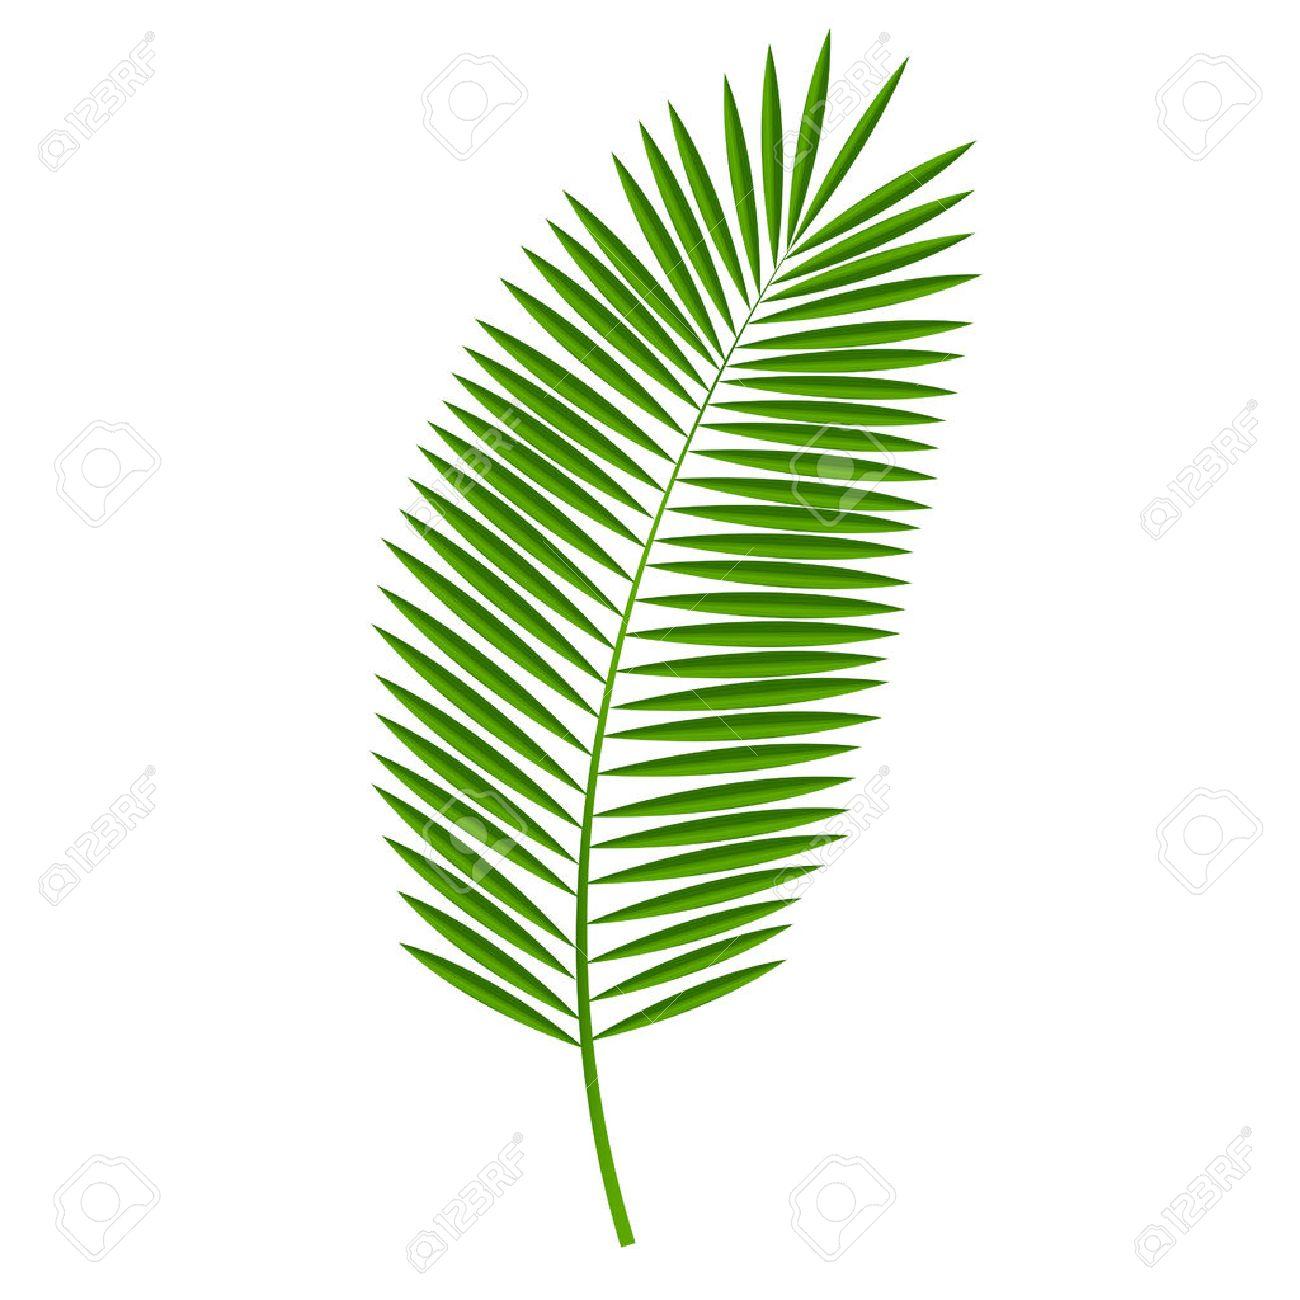 palm leaf vector illustration royalty free cliparts vectors and rh 123rf com palm leaf vector image palm leaf vector pattern